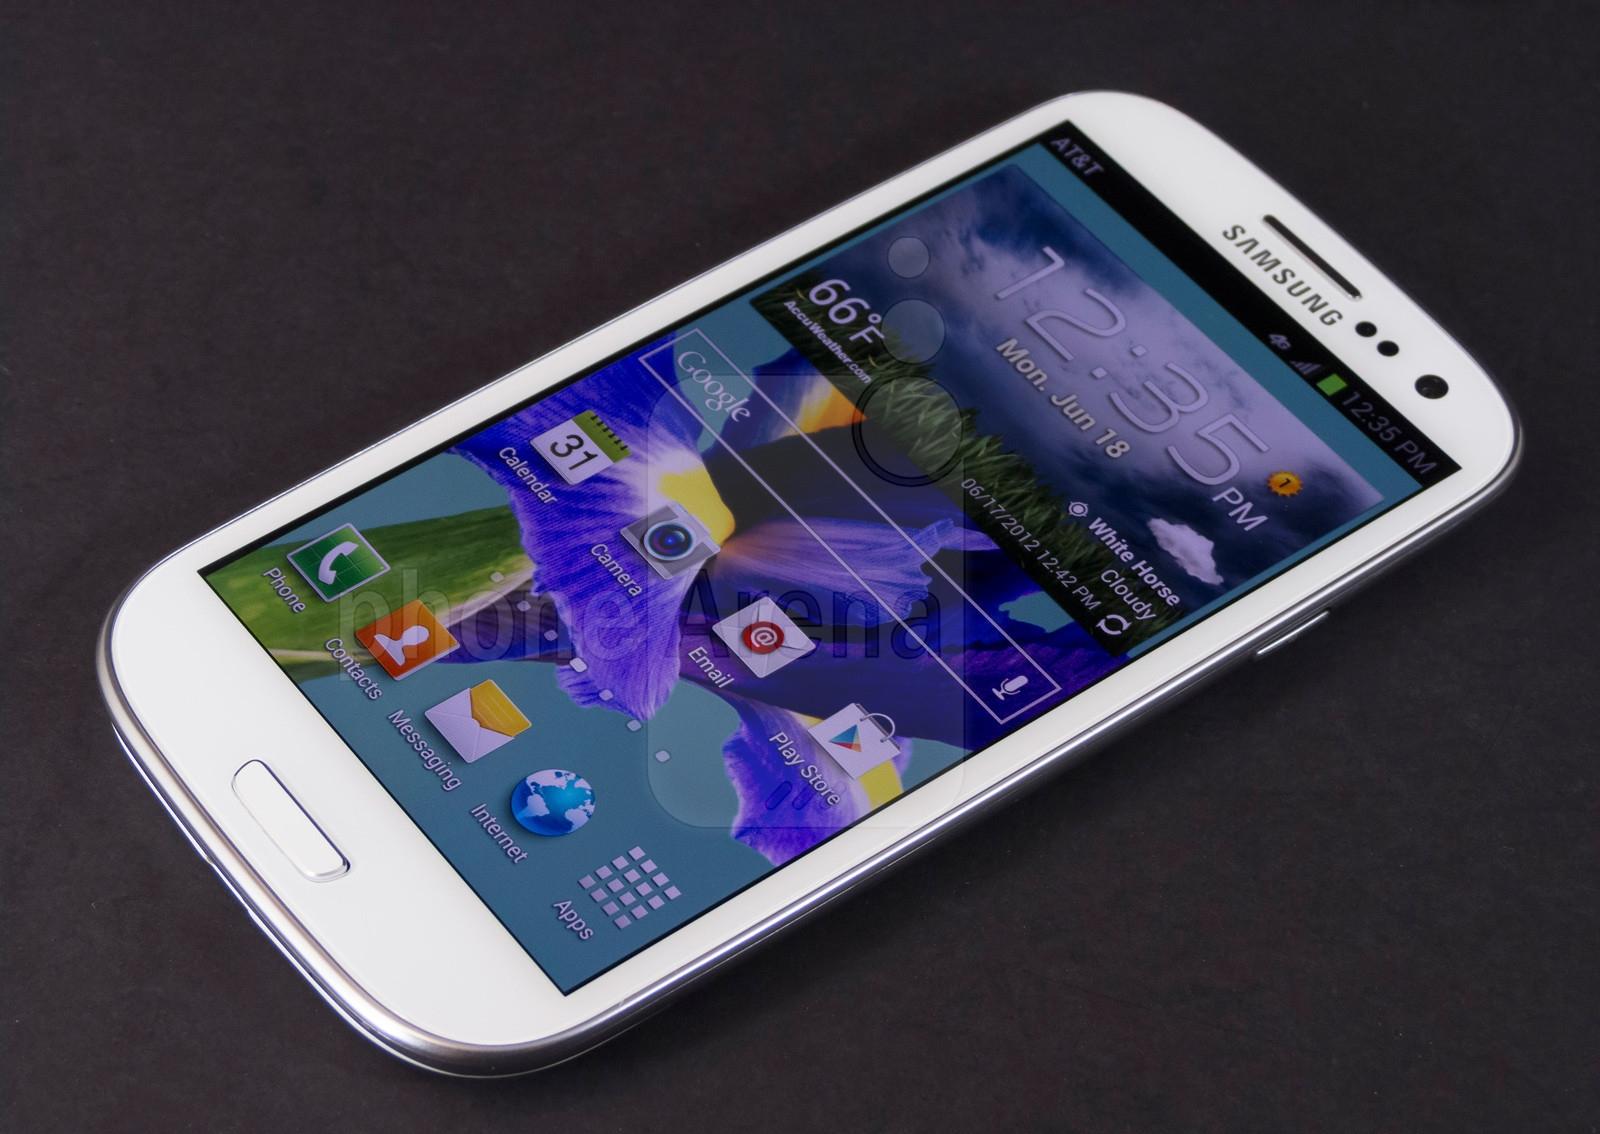 Celular Desbloqueado Samsung Galaxy S4 Gt I9500 Branco Com: Imagens Para Celular Samsung Galaxy Mini